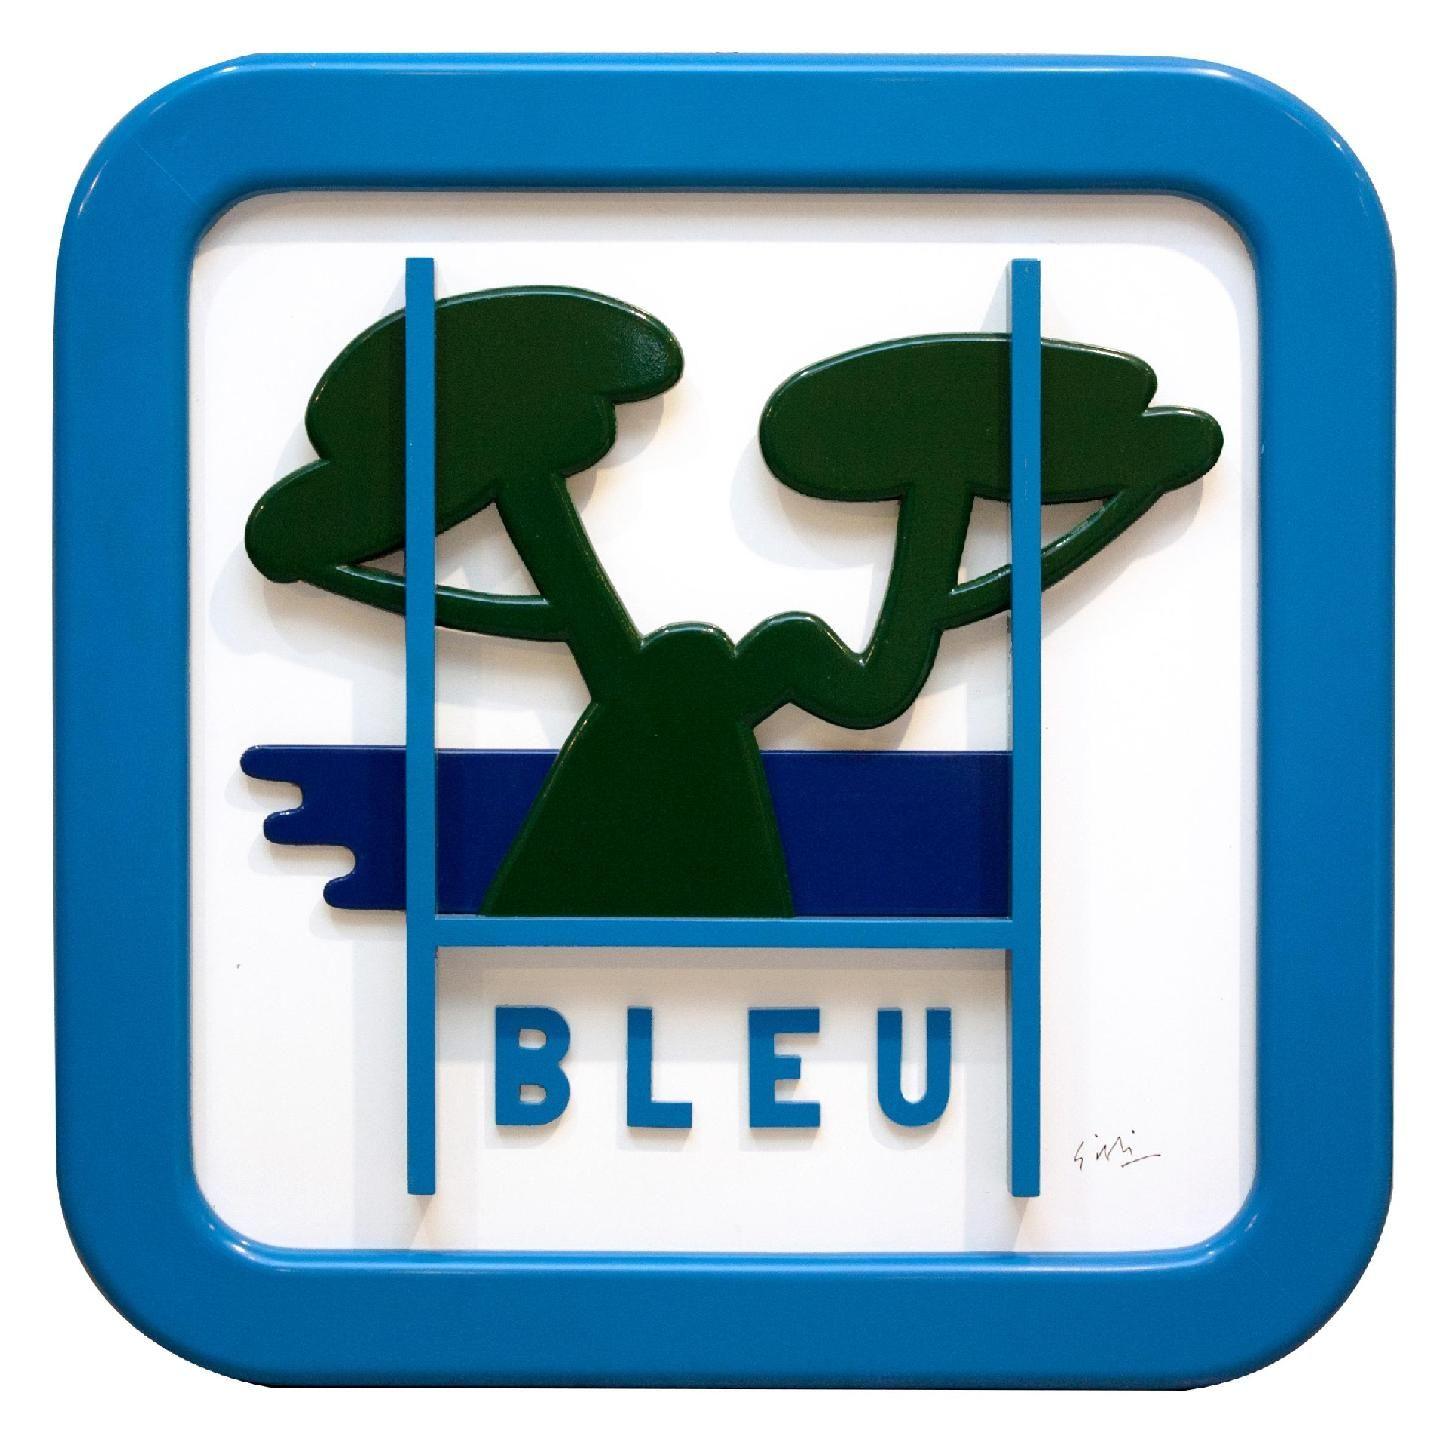 Vente dimanche 28 février 2016 par Cannes Enchères à Cannes : Claude GILLI (1938-2015) Panneau de signalisation bleu. Tableau-sculpture en bois découpé peint. Signé en bas à droite. 97 x 97 cm. Est. 3 000 - 4 000 euros.